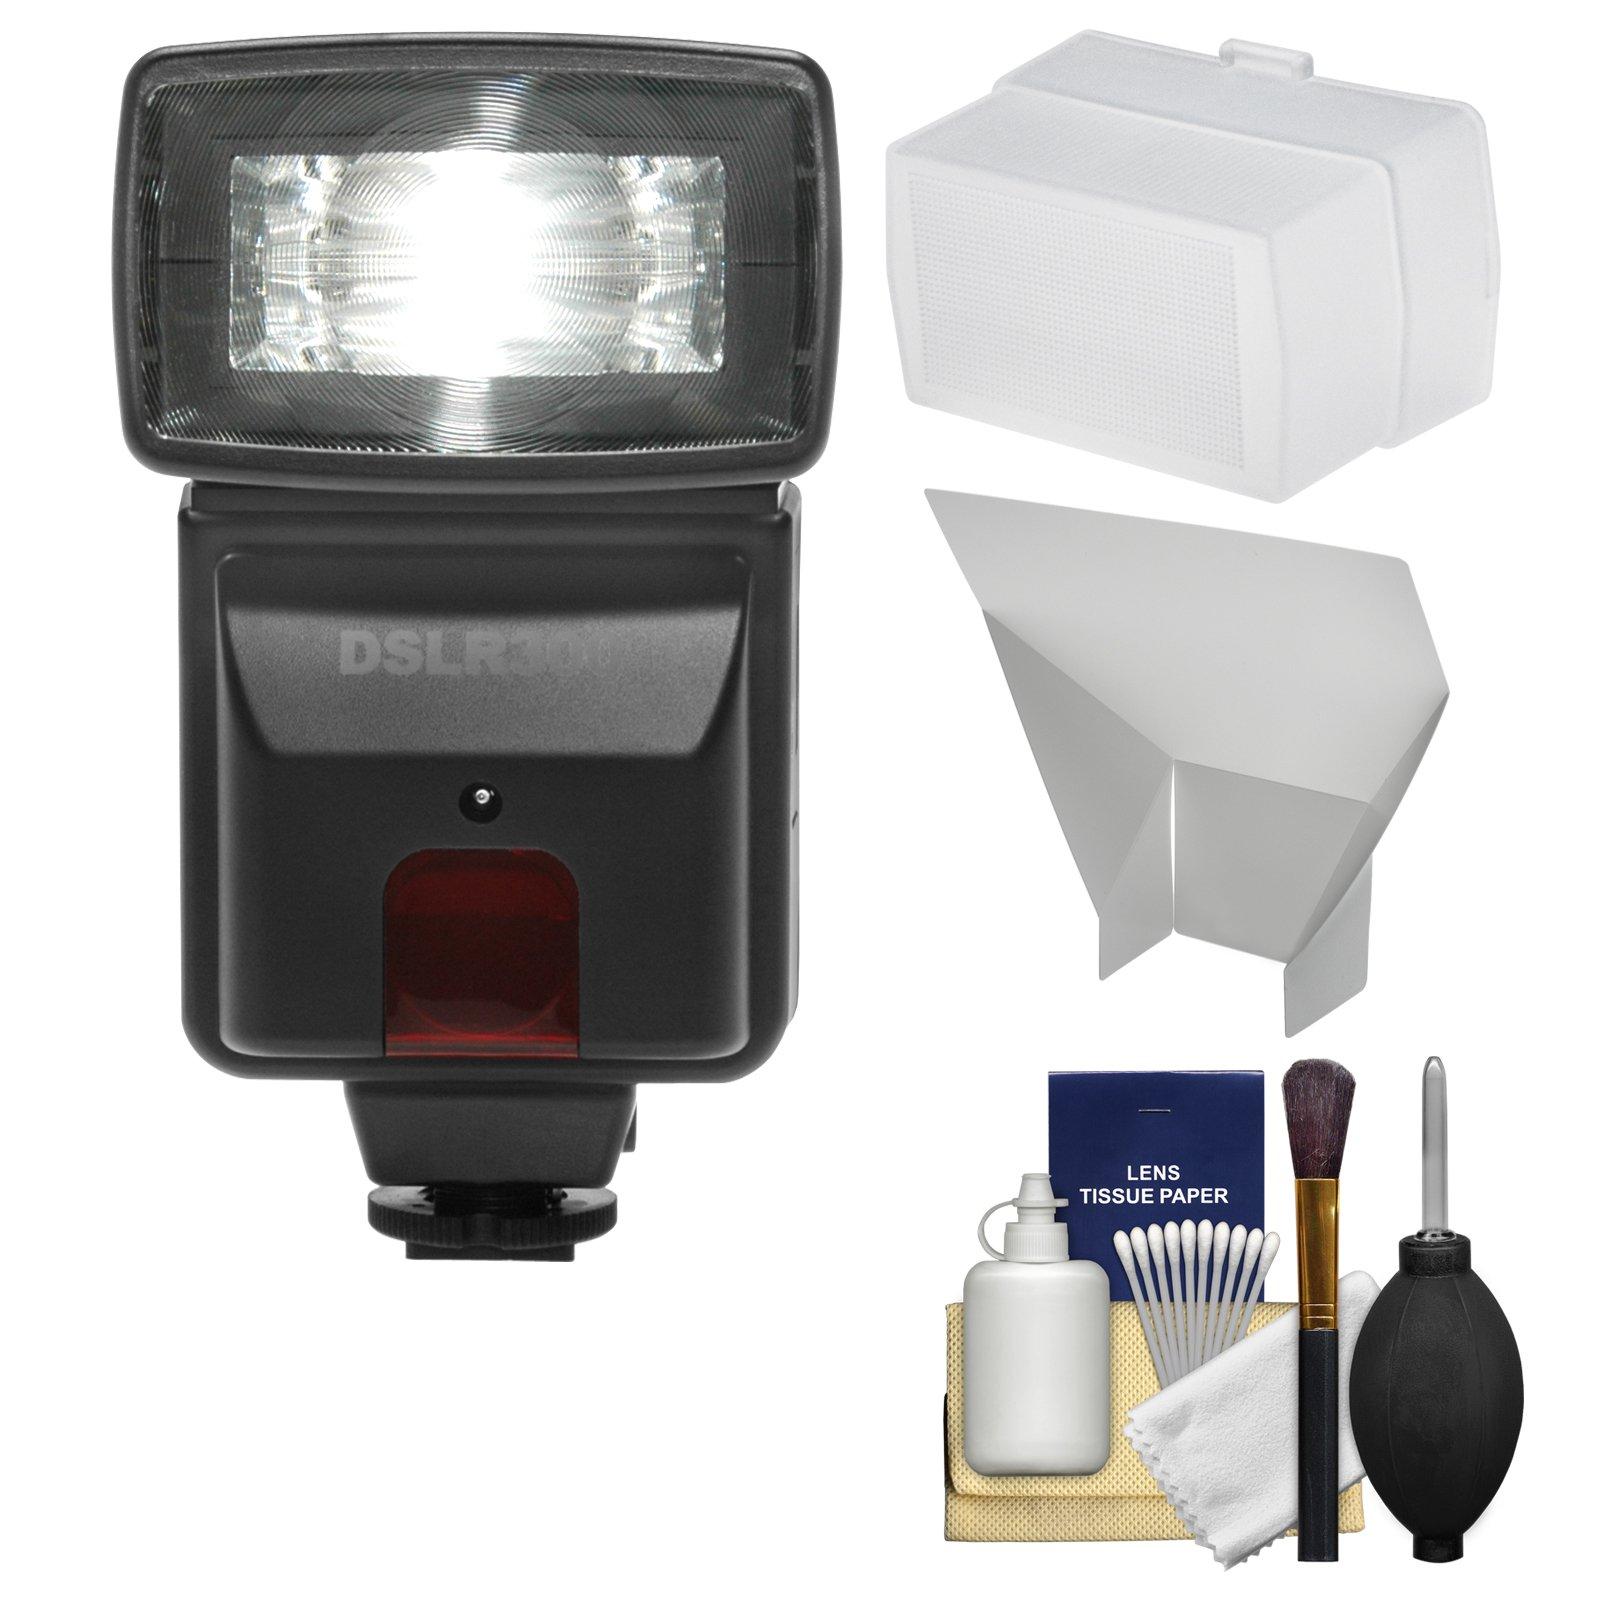 Precision Design DSLR300 High Power Auto Flash with Diffuser + Reflector + Kit for Nikon D3200, D3300, D5300, D5500, D7100, D7200 DSLR Cameras